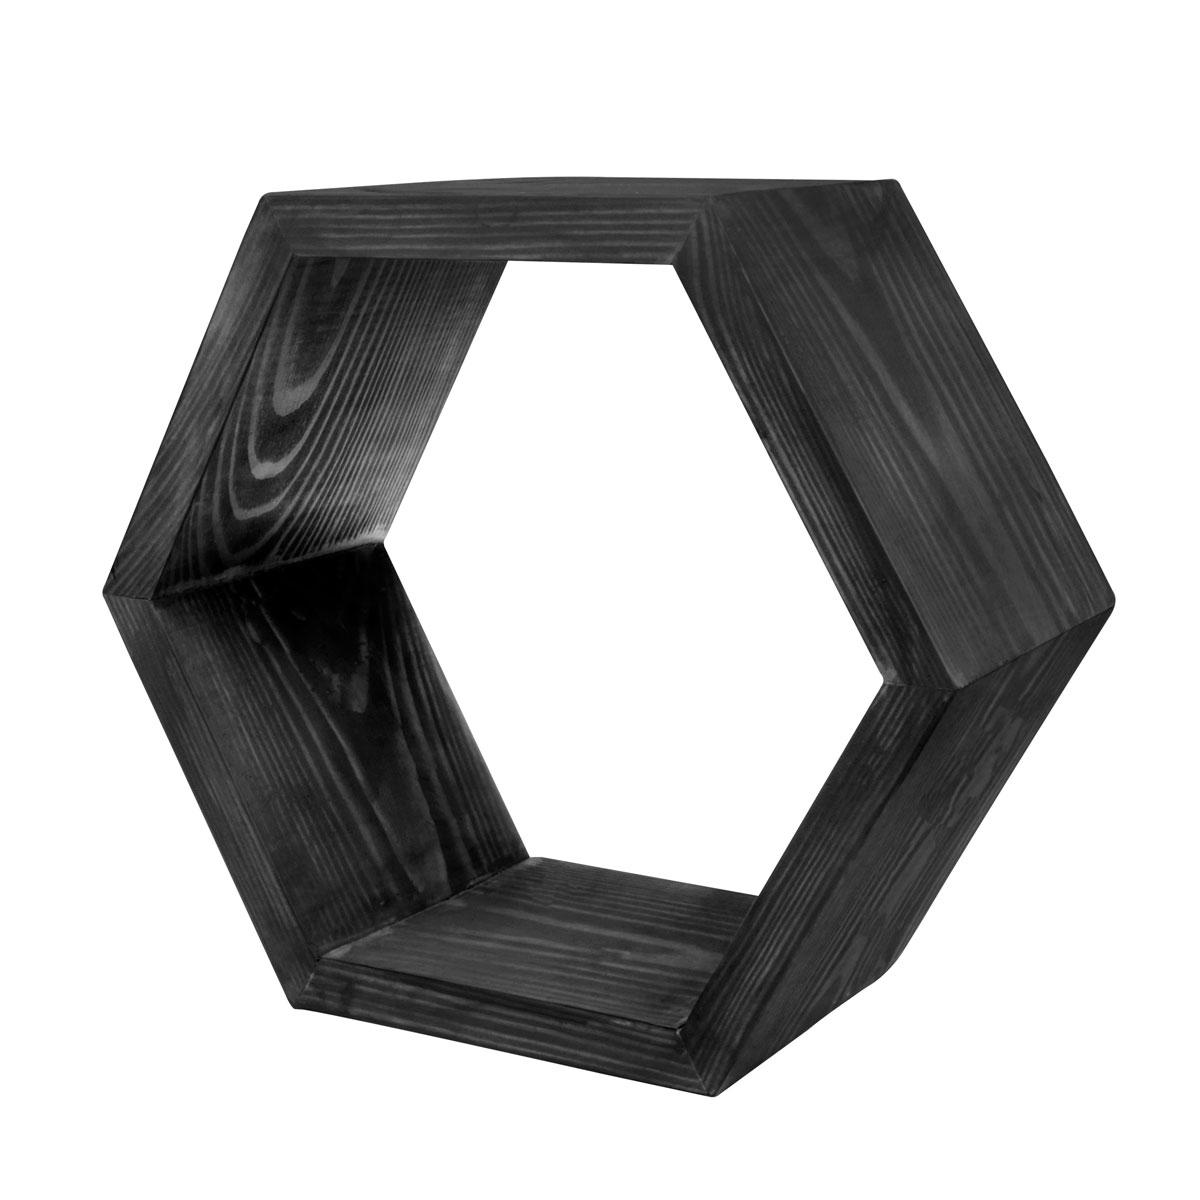 Декоративная полка EcoWoo 40 см, цвет: черныйDSH9NBОригинальные деревянные полки шестигранники. Отличное решение для декорирования комнаты. Несколько полок можно складывать в причудливые сочетания, ограниченные только вашей фантазией. Любой цвет и размер. Станьте креативными дизайнерами своего жилого пространства!